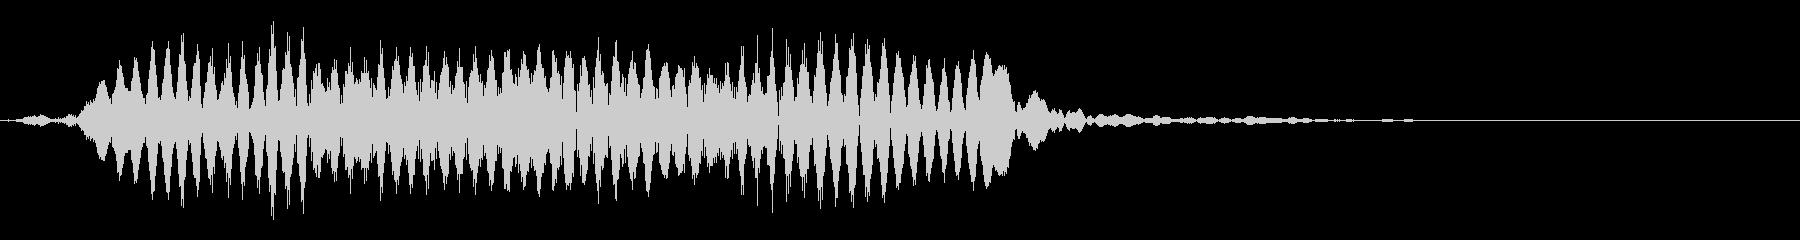 「ピッ」サッカー軽いファールの笛[DL]の未再生の波形